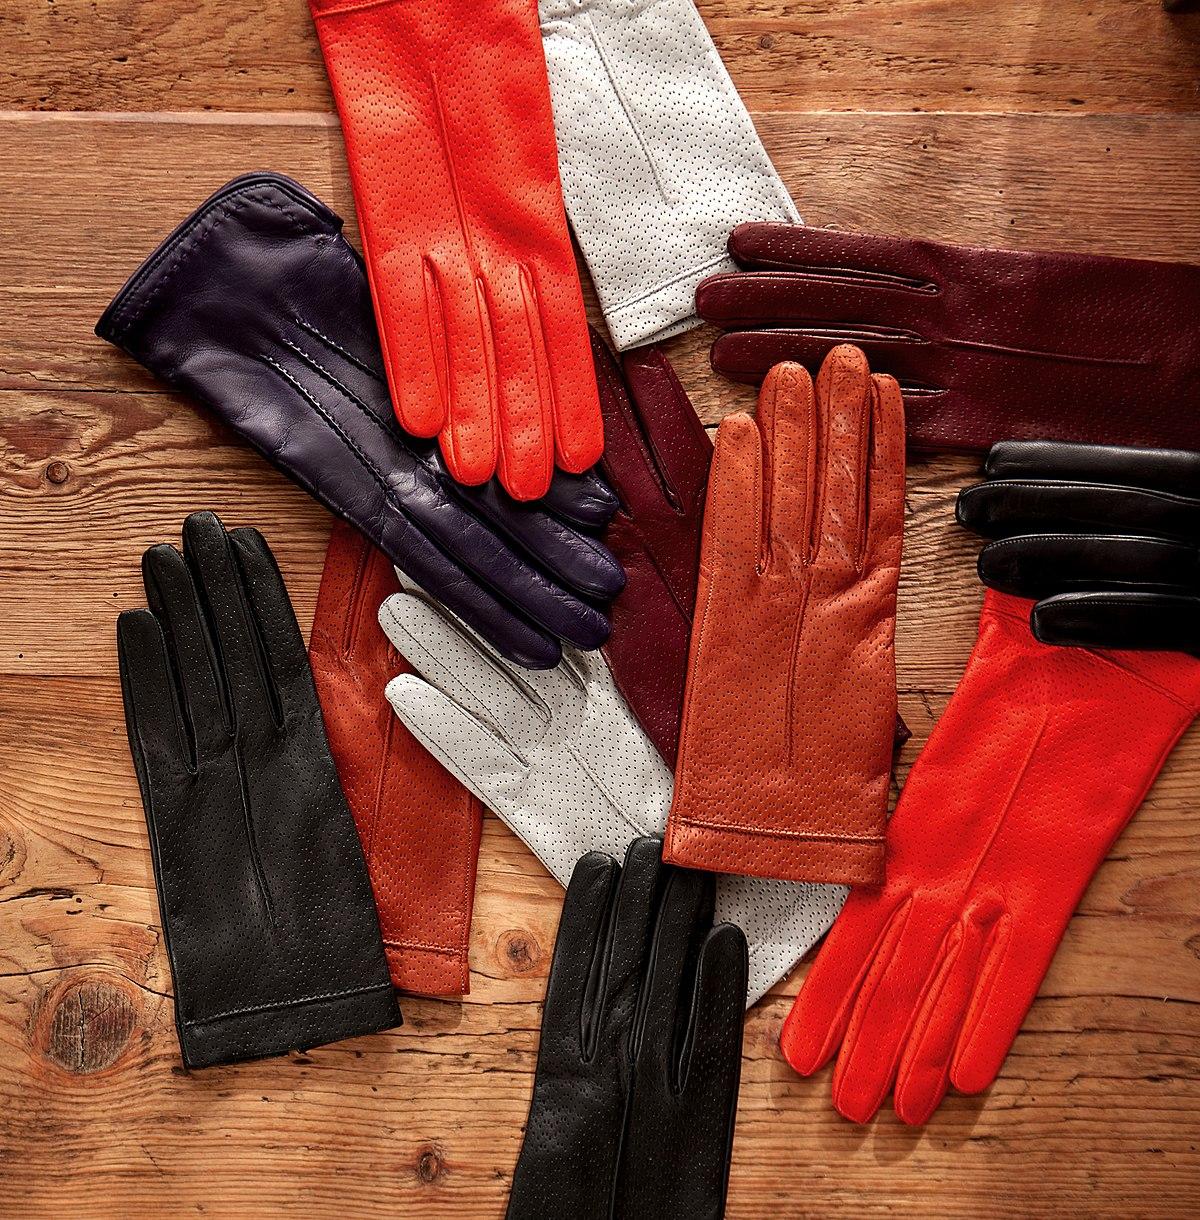 Fingerless gloves for guitarists - Fingerless Gloves For Guitarists 44